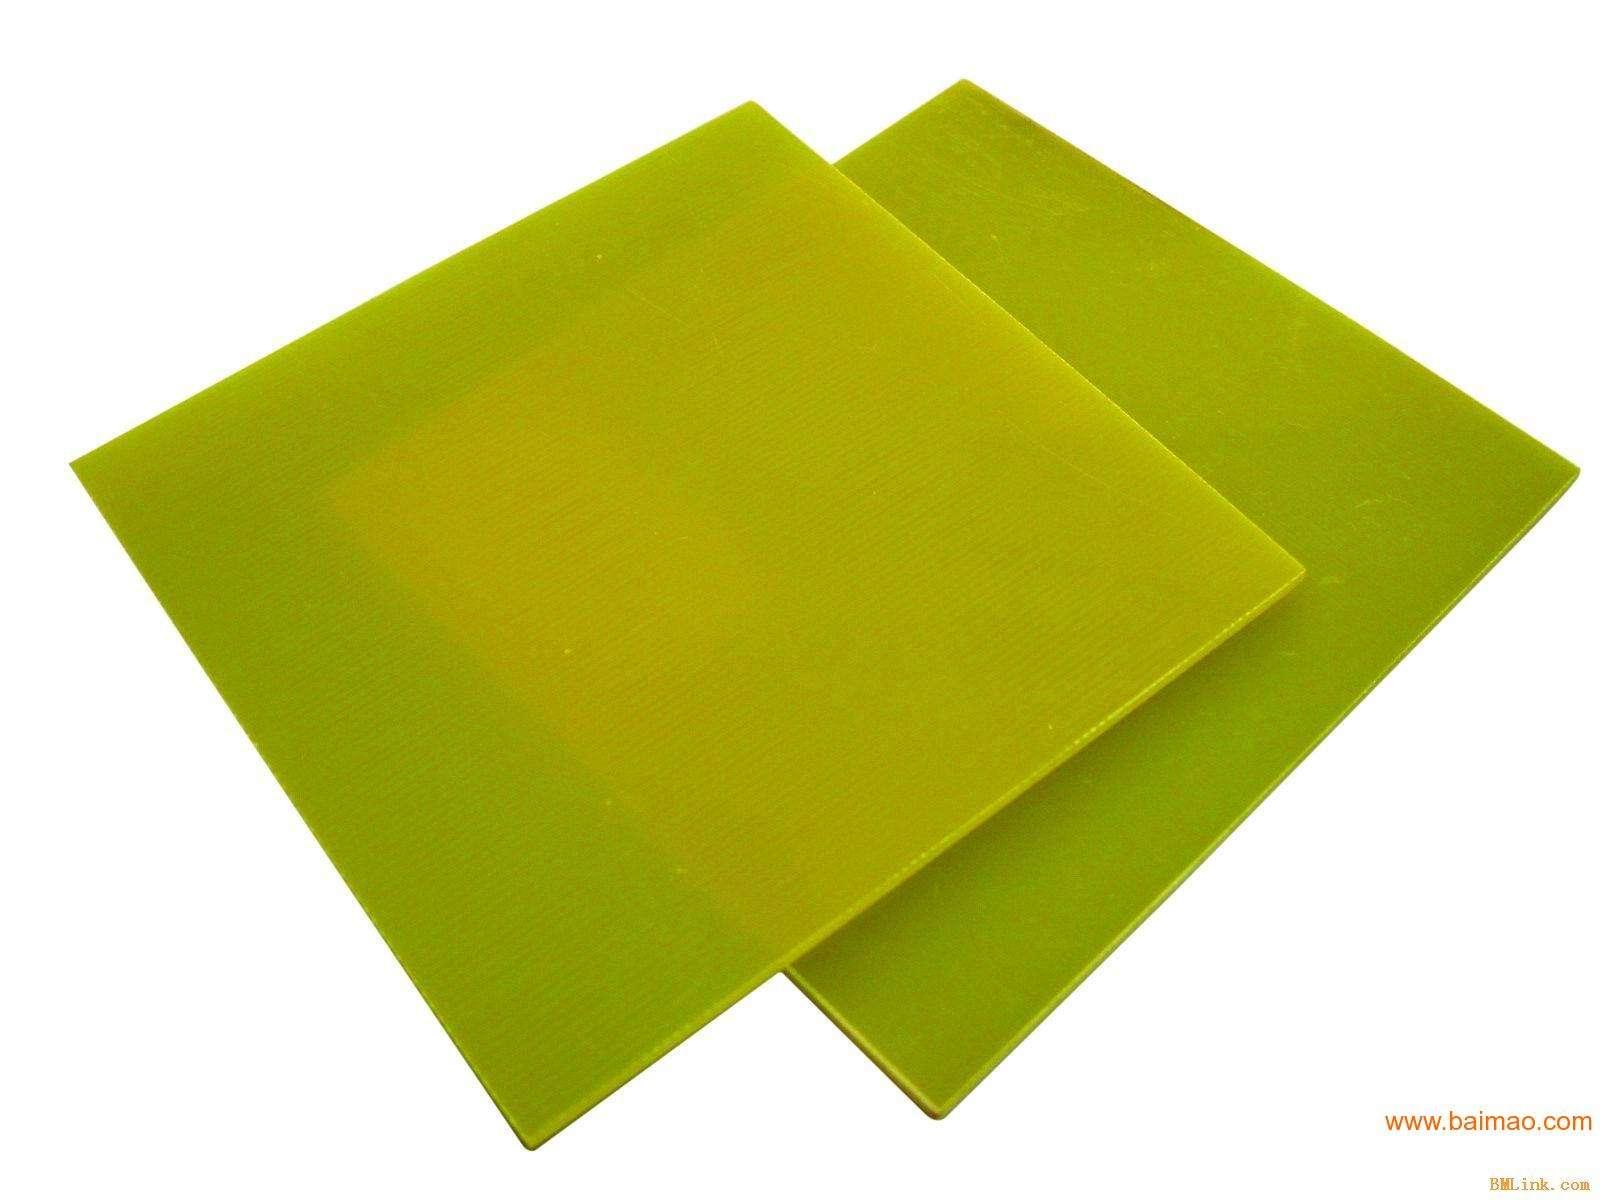 环氧树脂水绿色绝缘板